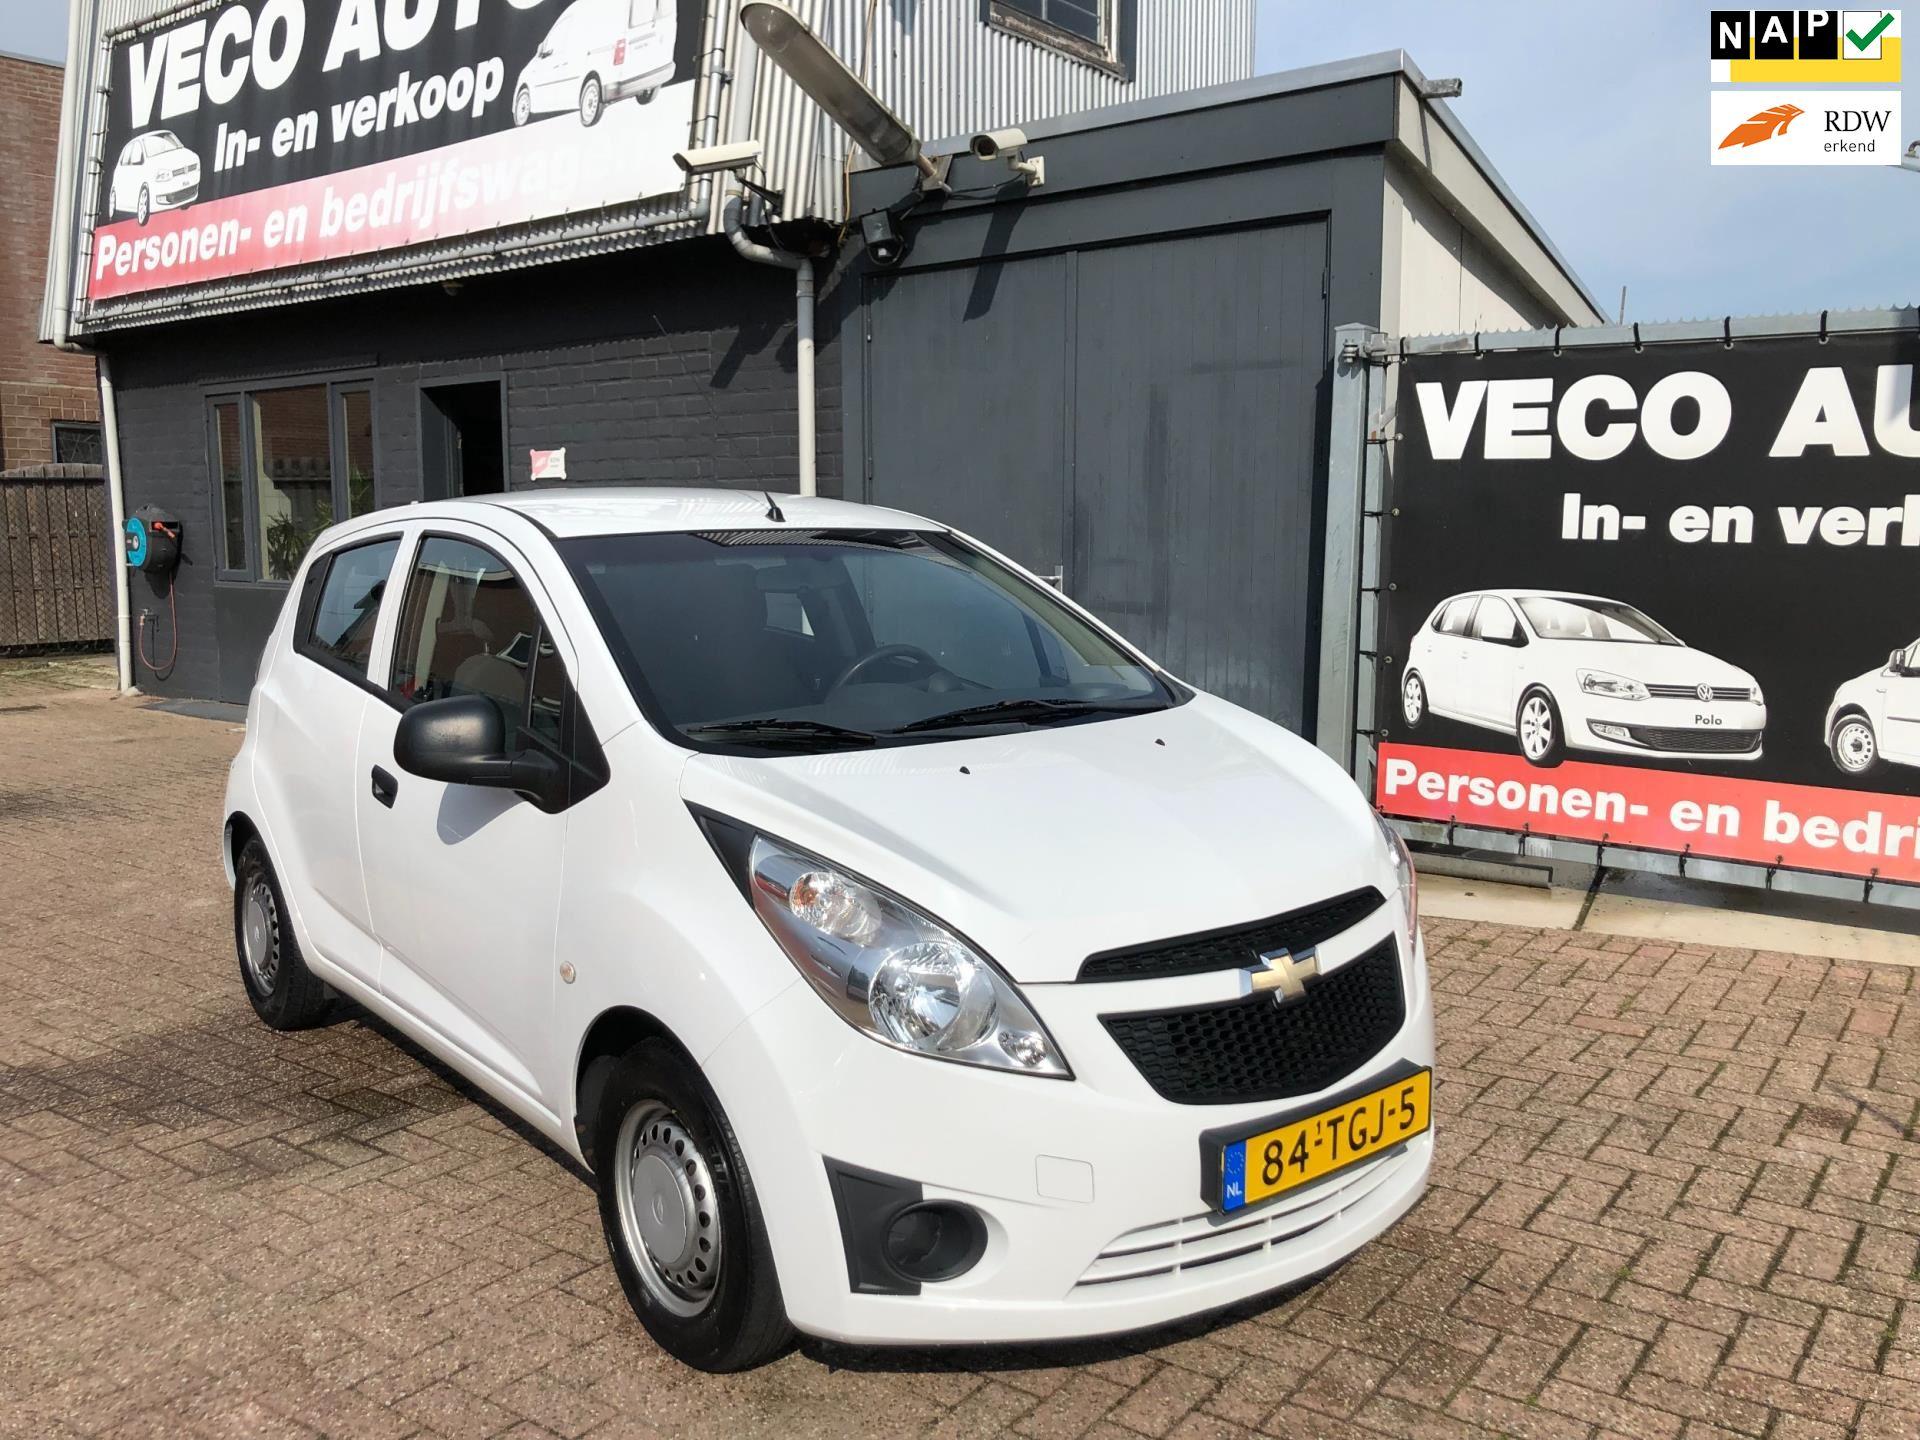 Chevrolet Spark occasion - Veco Auto's